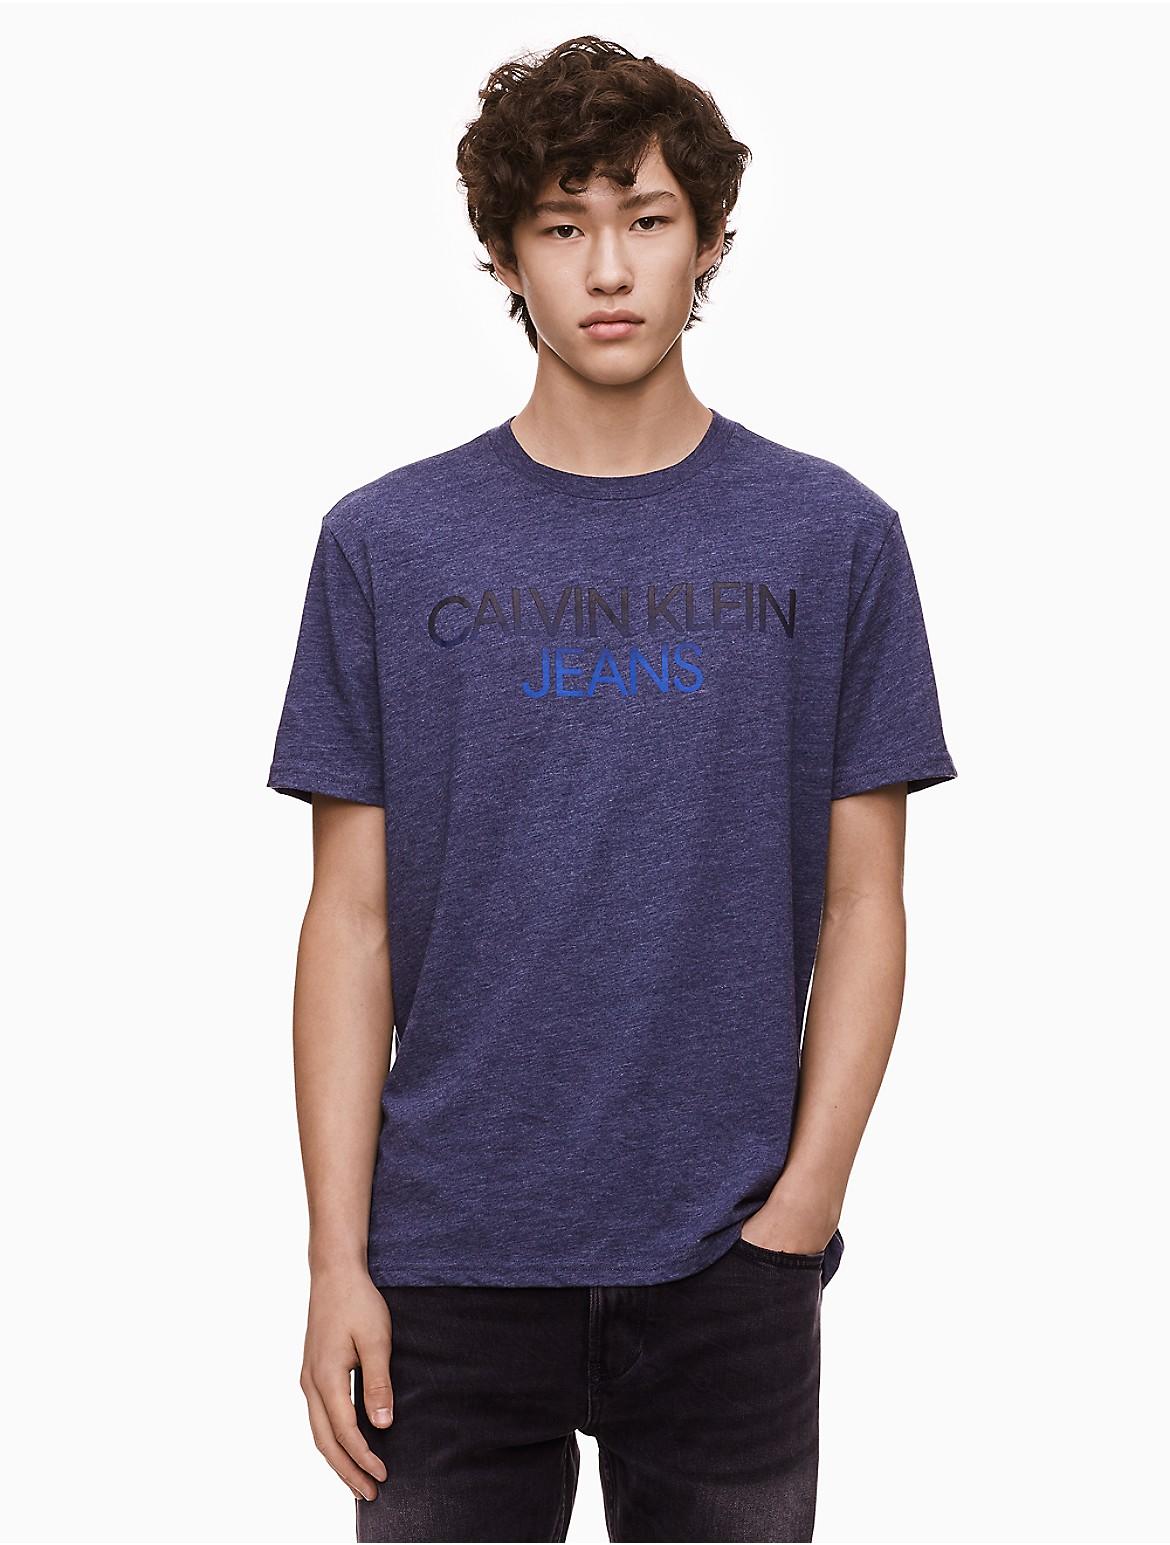 Camiseta logo con cuello degradado redondo con rwnAHqar